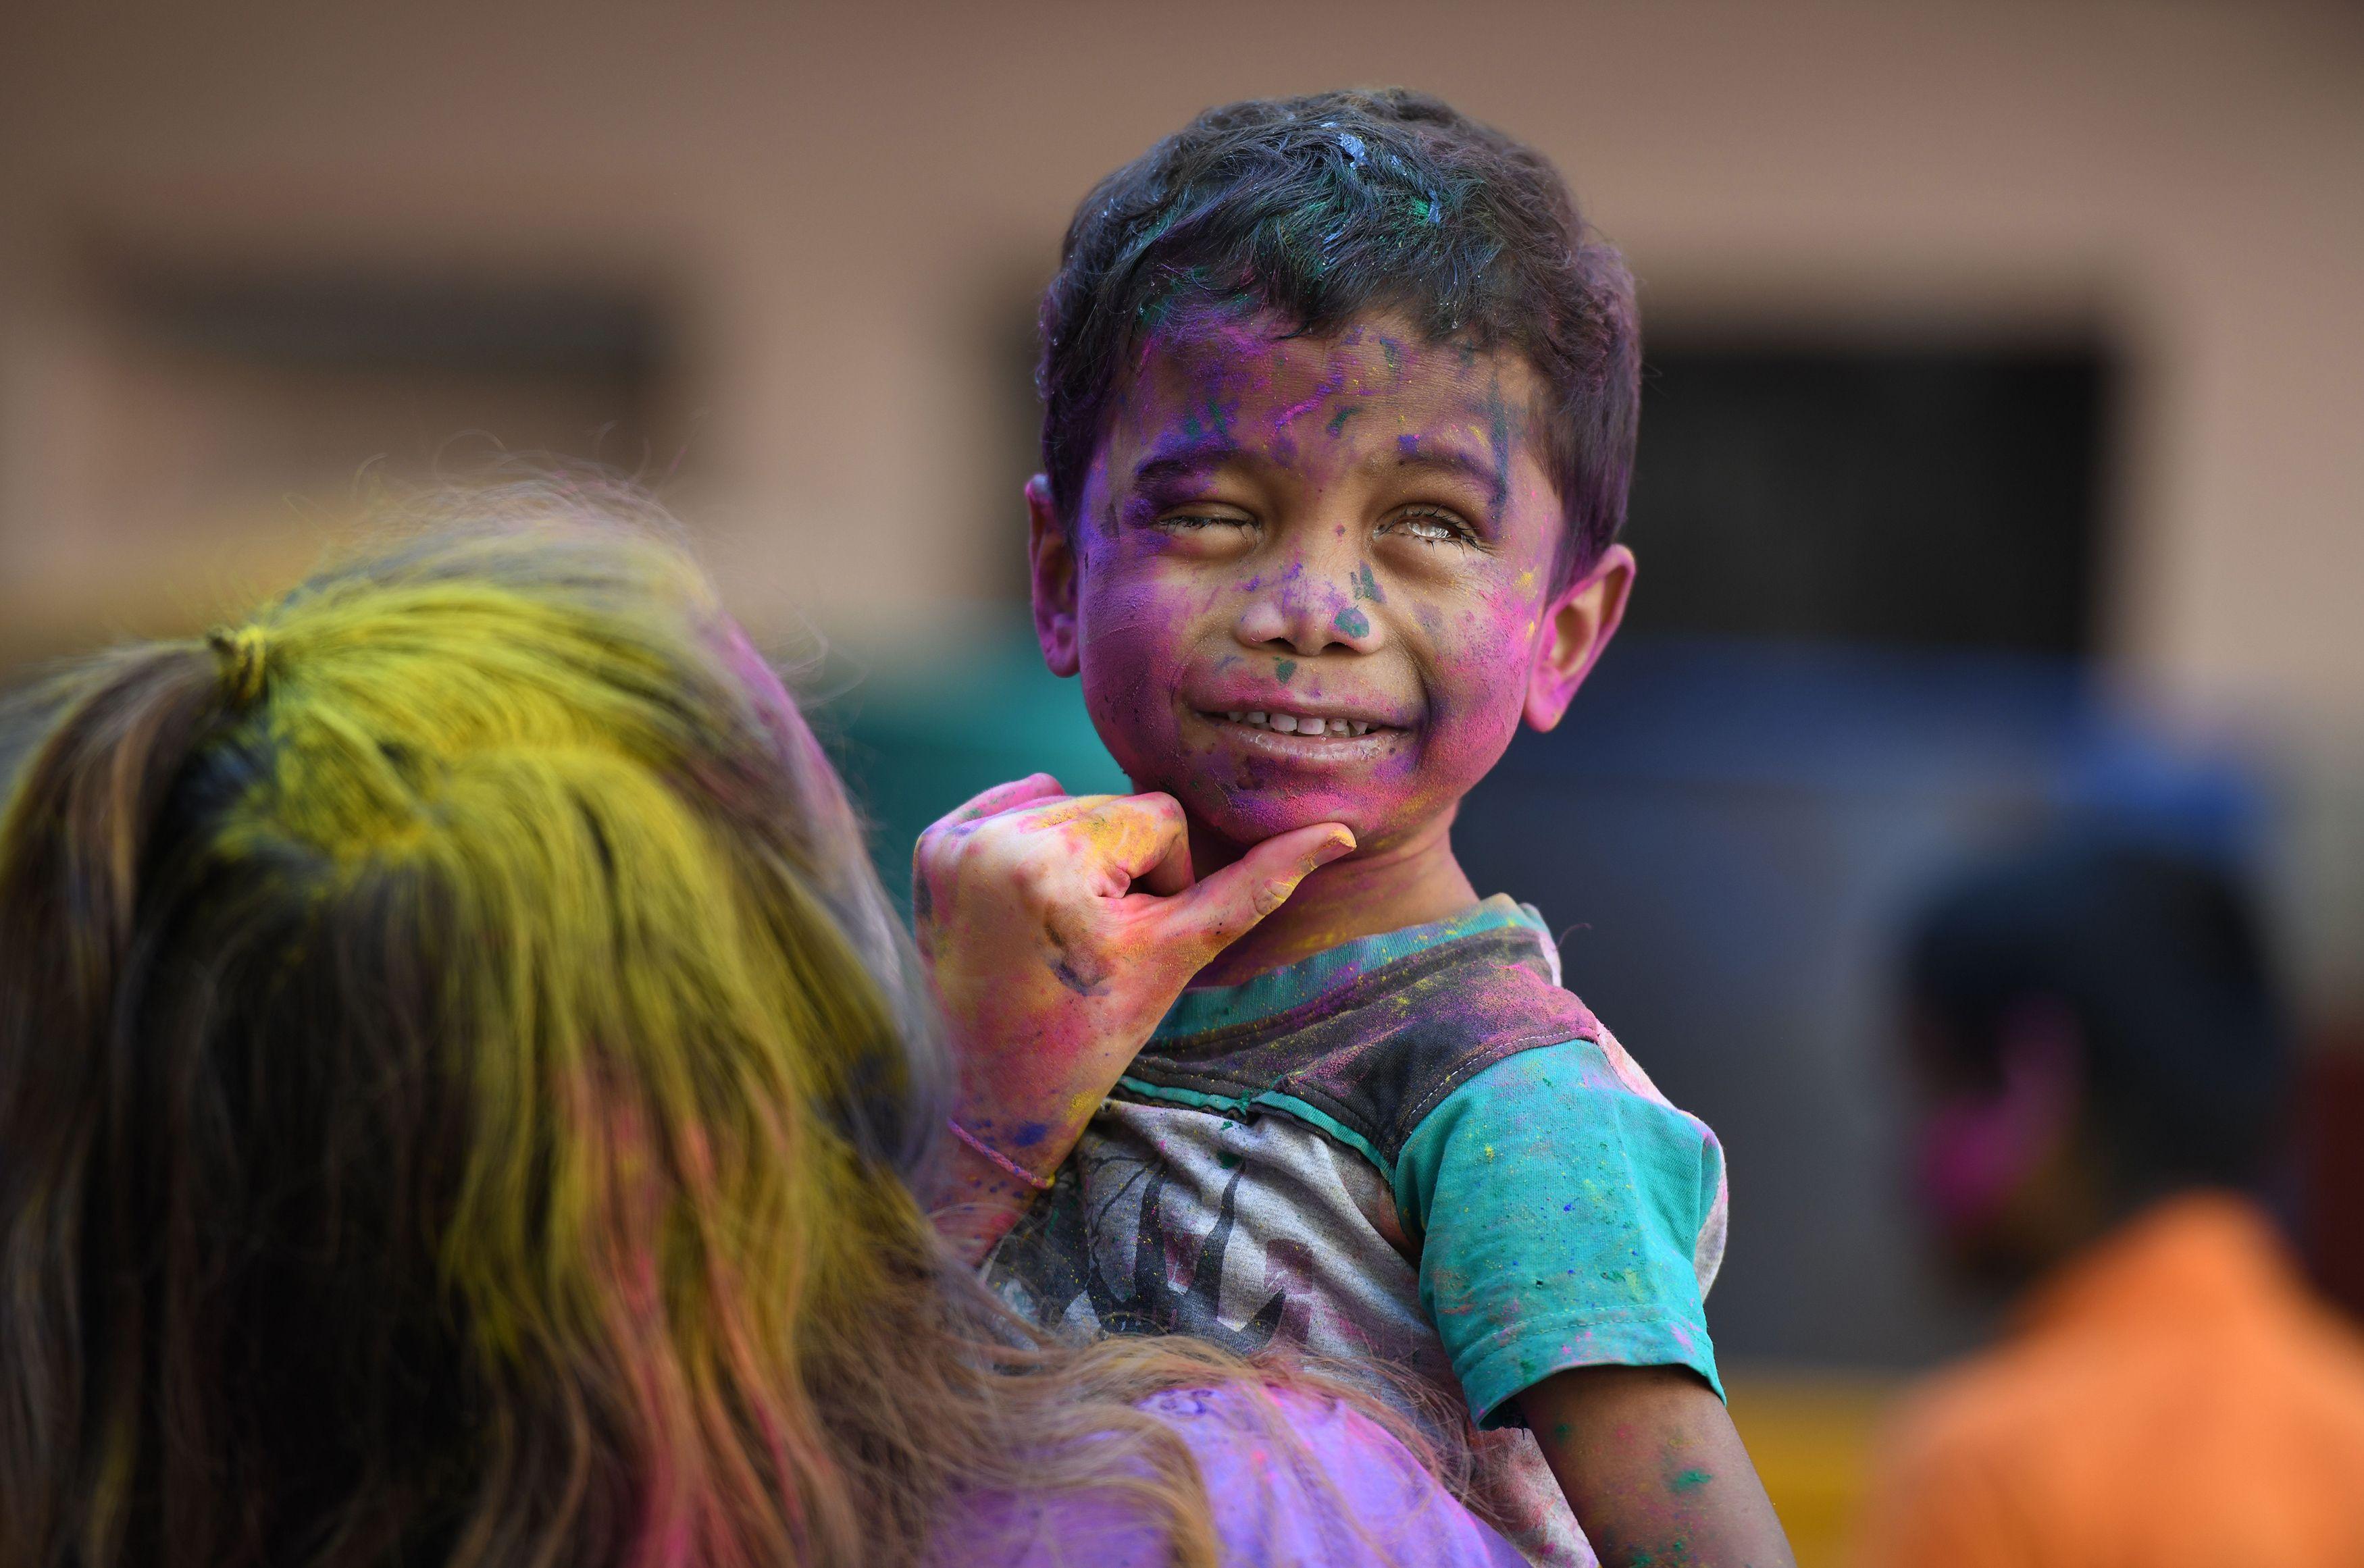 تلطيخ وجه طفل بالالوان